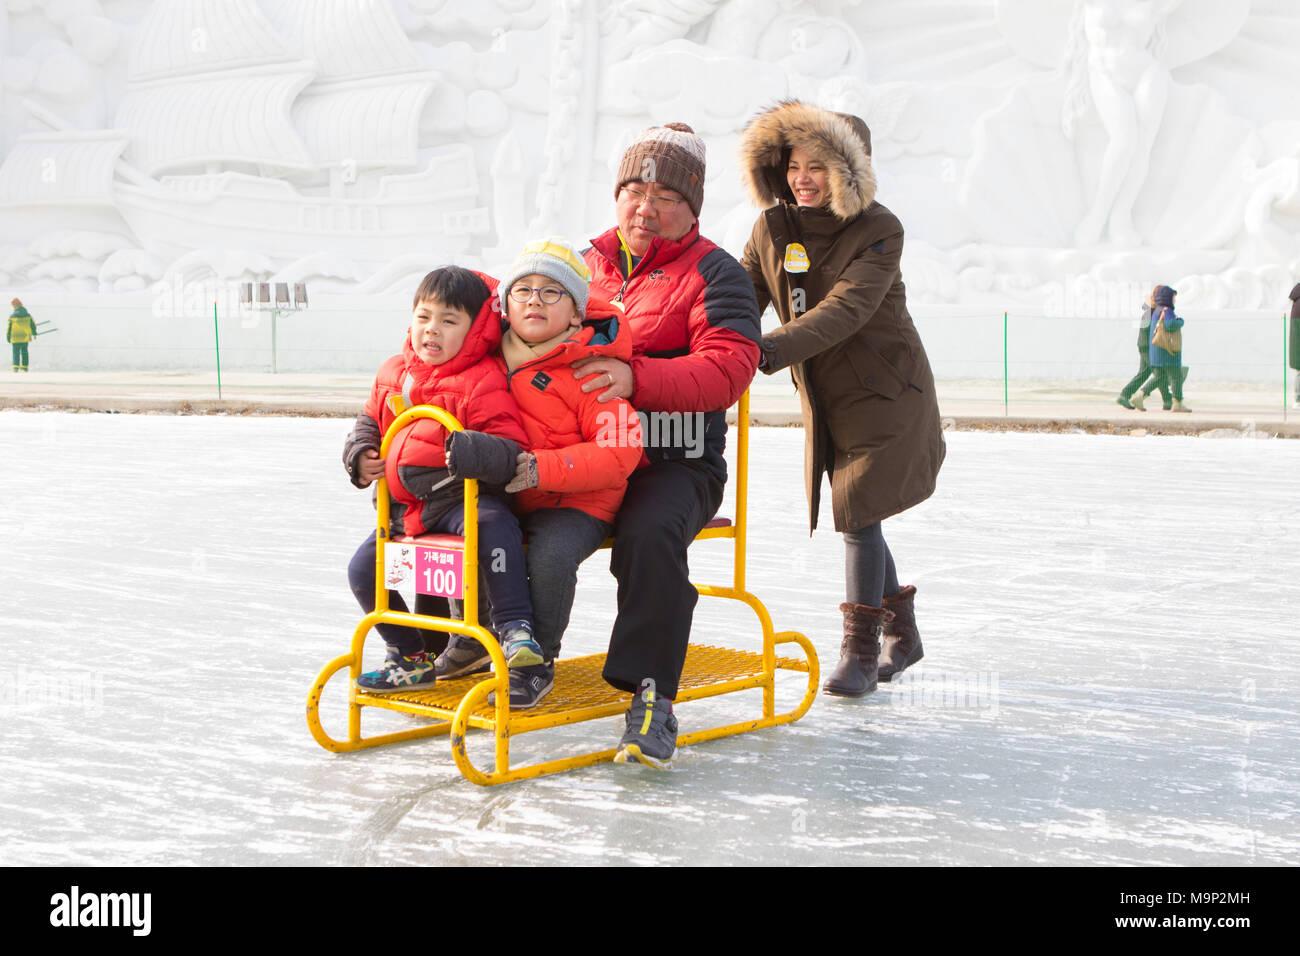 Una famiglia asiatica si diverte su una slitta di gruppo a un fiume congelato. Il Hwacheon Sancheoneo Festival di ghiaccio è una tradizione per il popolo coreano. Ogni anno nel mese di gennaio la folla si riuniranno presso il fiume congelato per celebrare il freddo e la neve dell'inverno. Attrazione principale è la pesca sul ghiaccio. Giovani e vecchi attendere pazientemente su un piccolo buco nel ghiaccio per una trota di mordere. In tende possono lasciare il pesce grigliato dopo che loro sono mangiati. Tra le altre attività sono corse in slittino e pattinaggio sul ghiaccio. La vicina regione Pyeongchang ospiterà le Olimpiadi Invernali nel febbraio 2018. Foto Stock